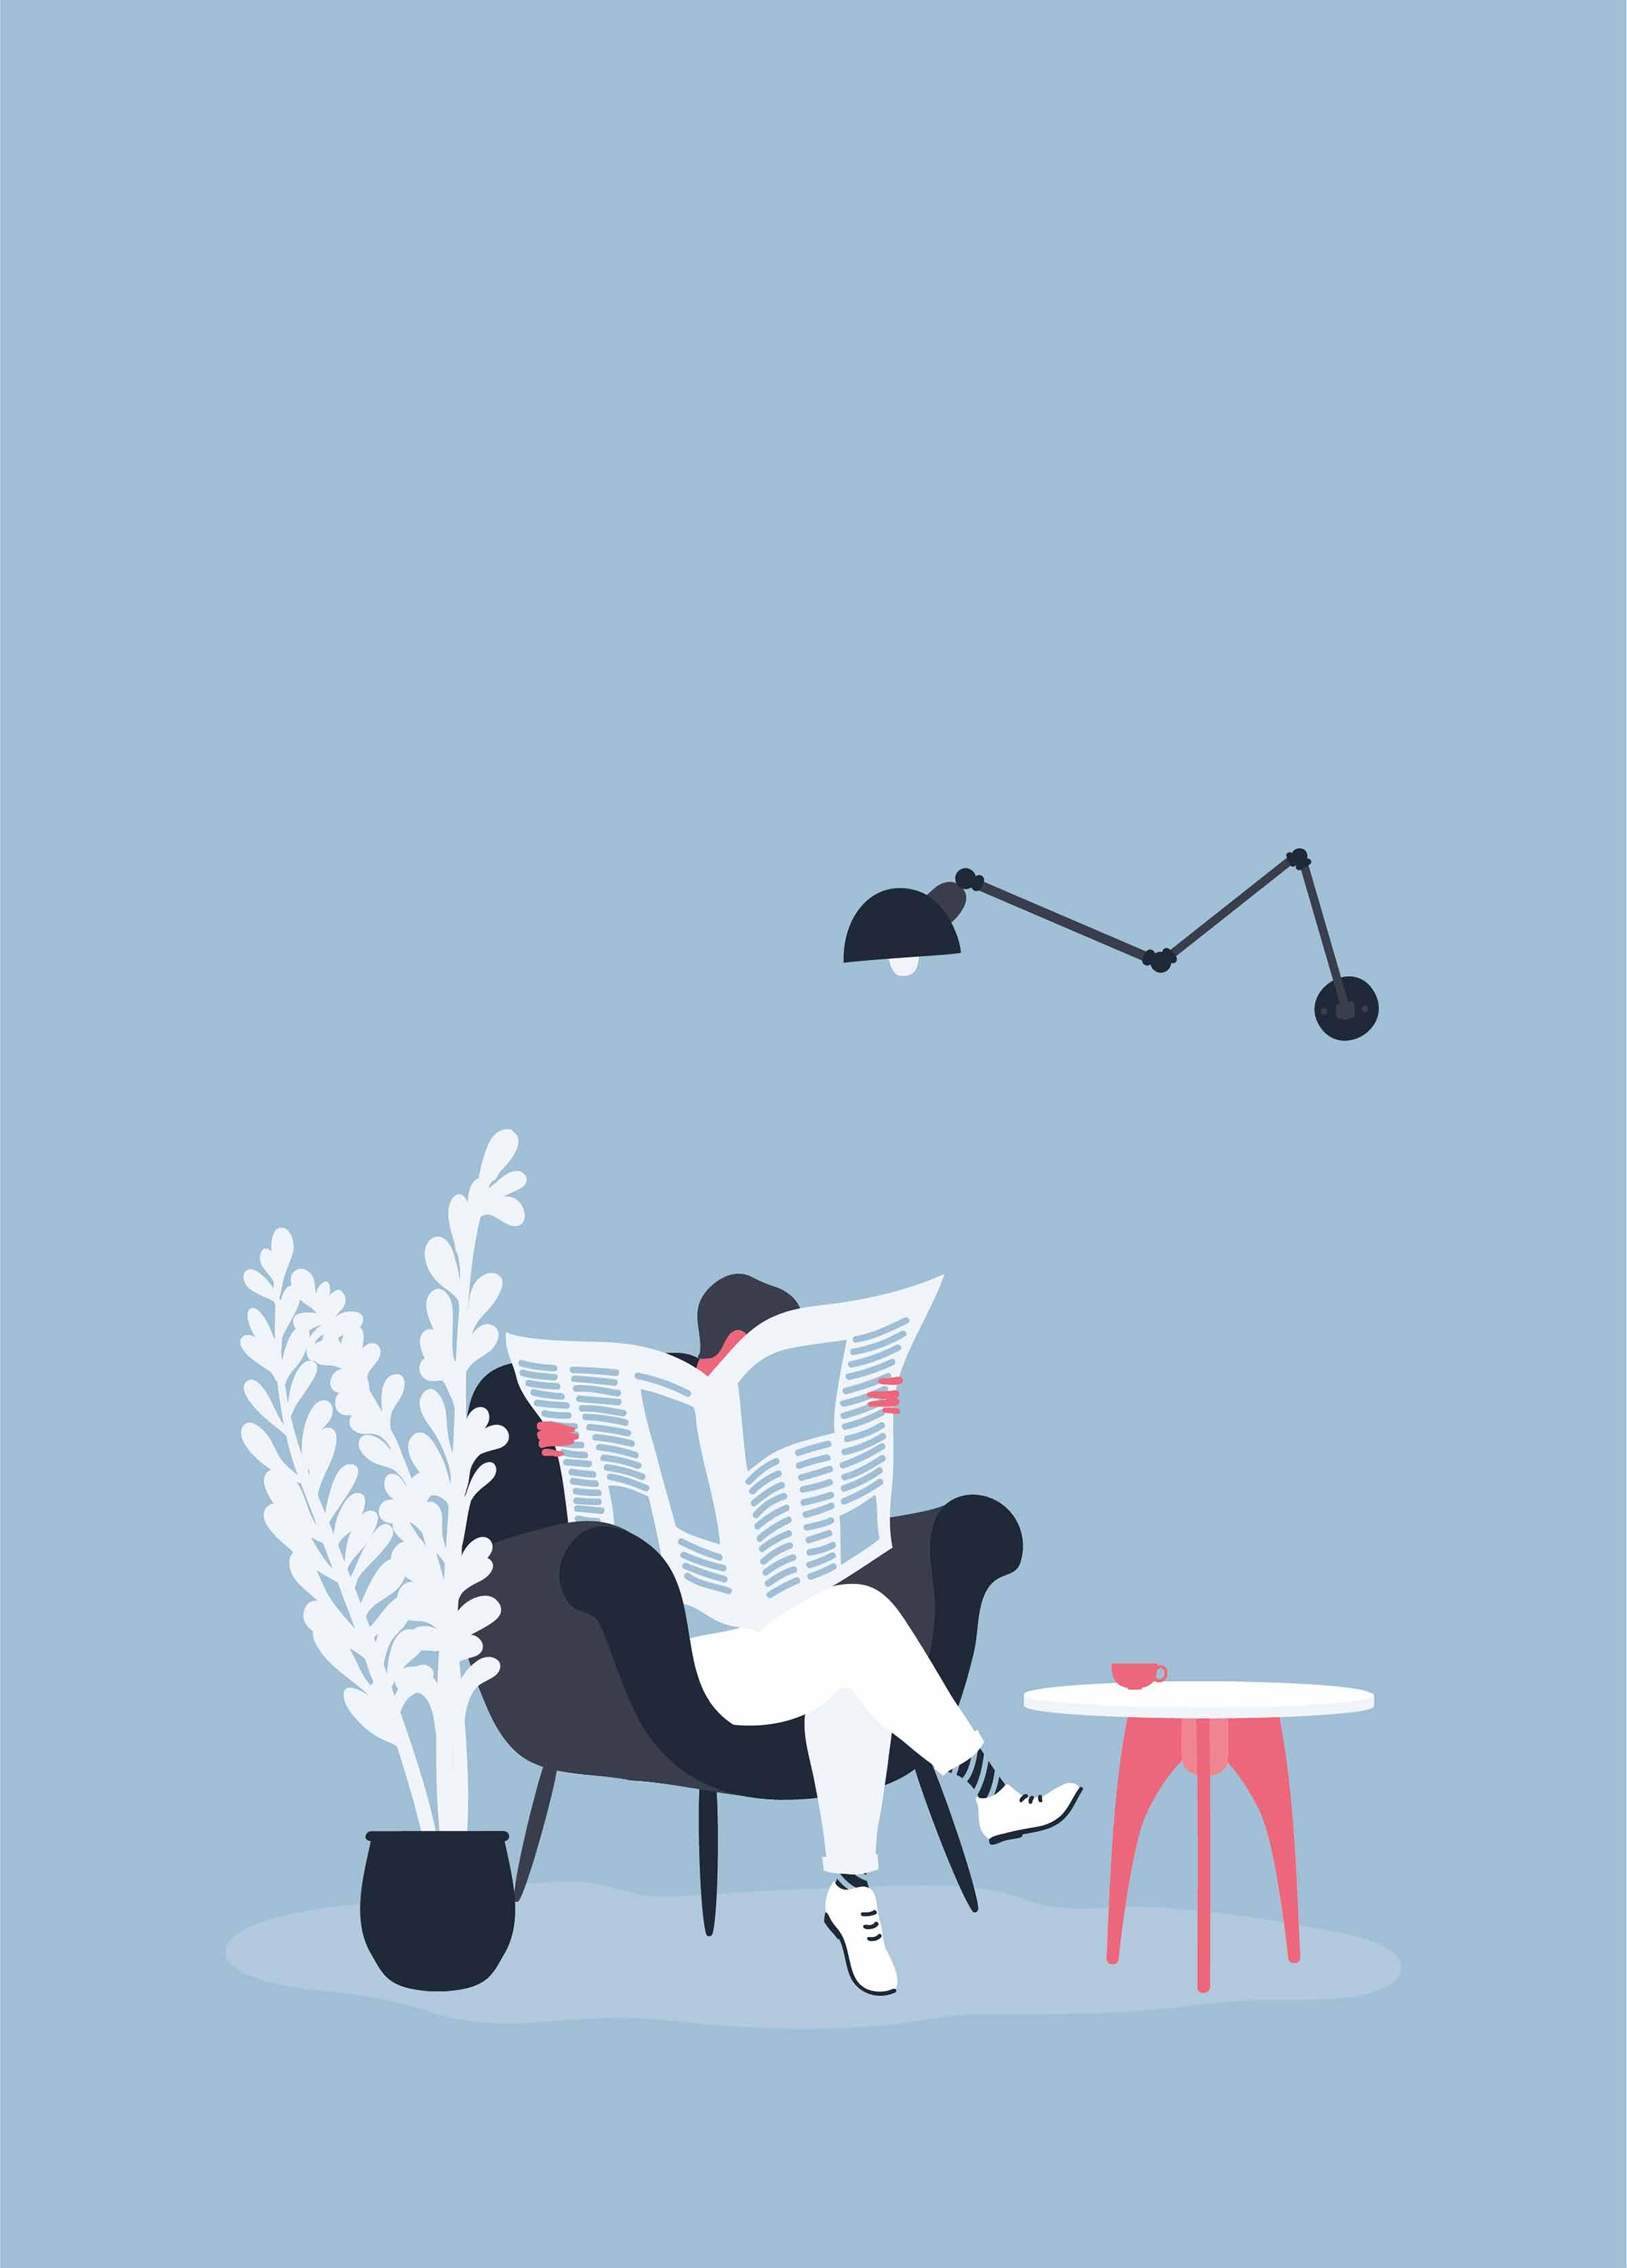 La quotidianità nelle illustrazioni di Alice Mollon | Collater.al